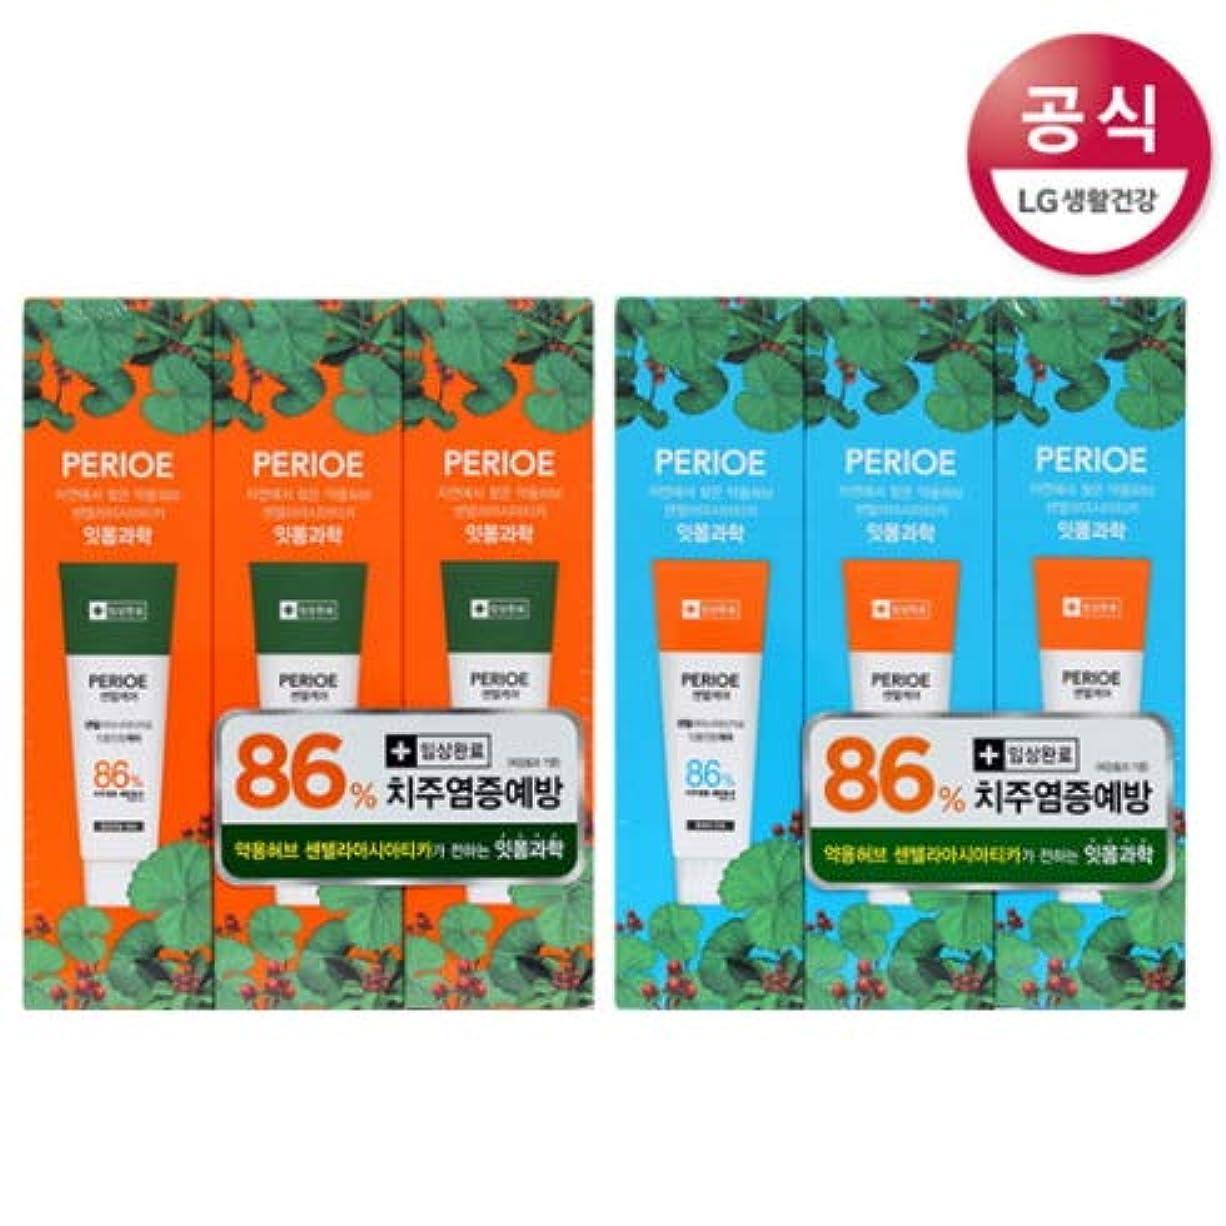 ディスクエキストランスペアレント[LG HnB] Perio centel care toothpaste/ペリオセンテルケア歯磨き粉 100gx6個(海外直送品)